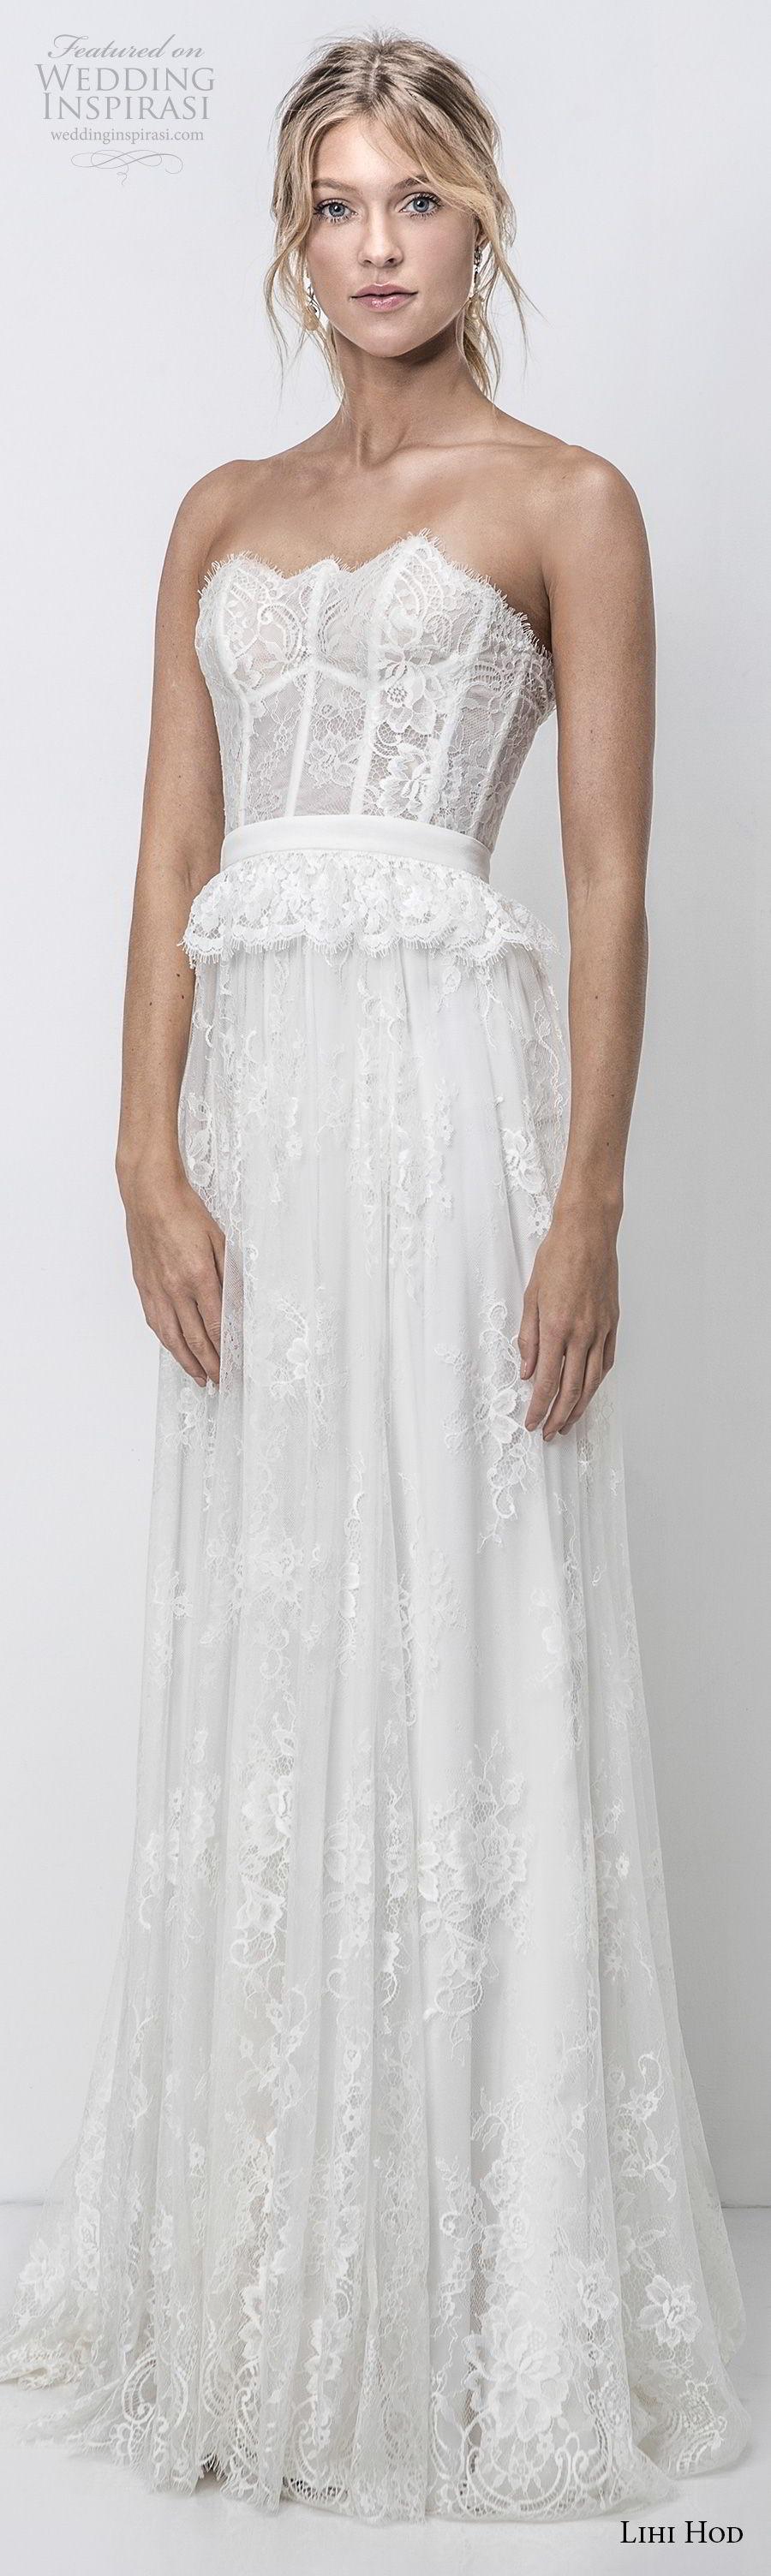 lihi hod 2018 bridal strapless straight across neckline full embellishment romantic bohemian soft a  line wedding dress open back medium train (7) lv